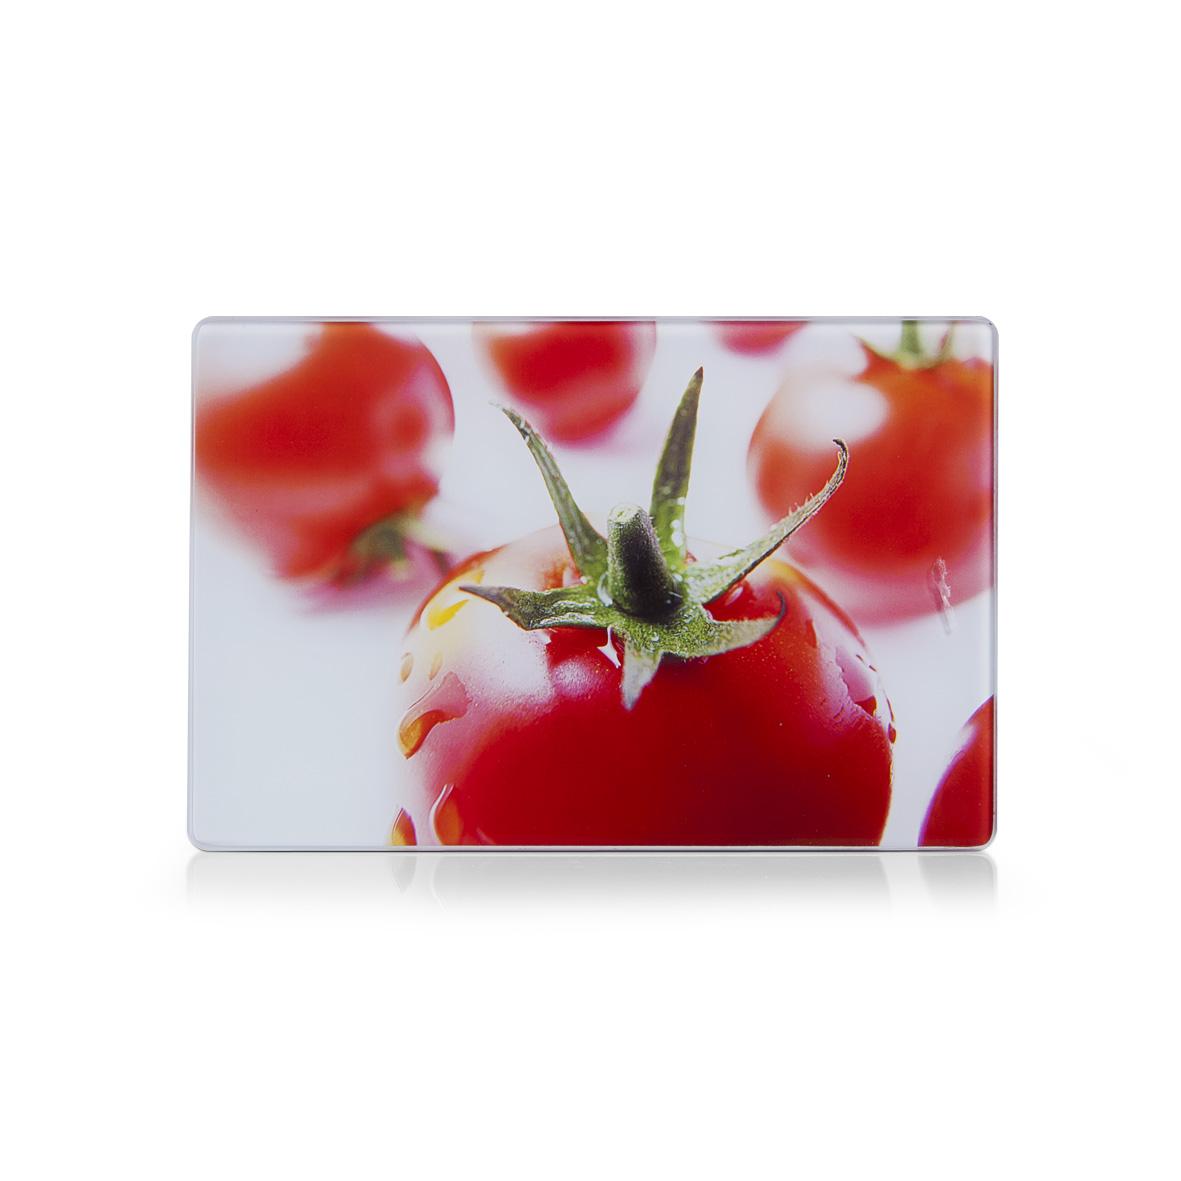 Доска разделочная Zeller Томаты, стеклянная, 30 см х 20 см94672Разделочная доска Zeller Томаты выполнена из жароустойчивого стекла. Изделие, украшенное красочным изображением спелых томатов, идеально впишется в интерьер современной кухни. Изделие легко чистить от пятен и жира. Также доску можно применять как подставку под горячее. Доска оснащена резиновыми ножками, предотвращающими скольжение по поверхности стола.Разделочная доска Zeller Томаты украсит ваш стол и сбережет его от воздействия высоких температур ваших кулинарных шедевров.